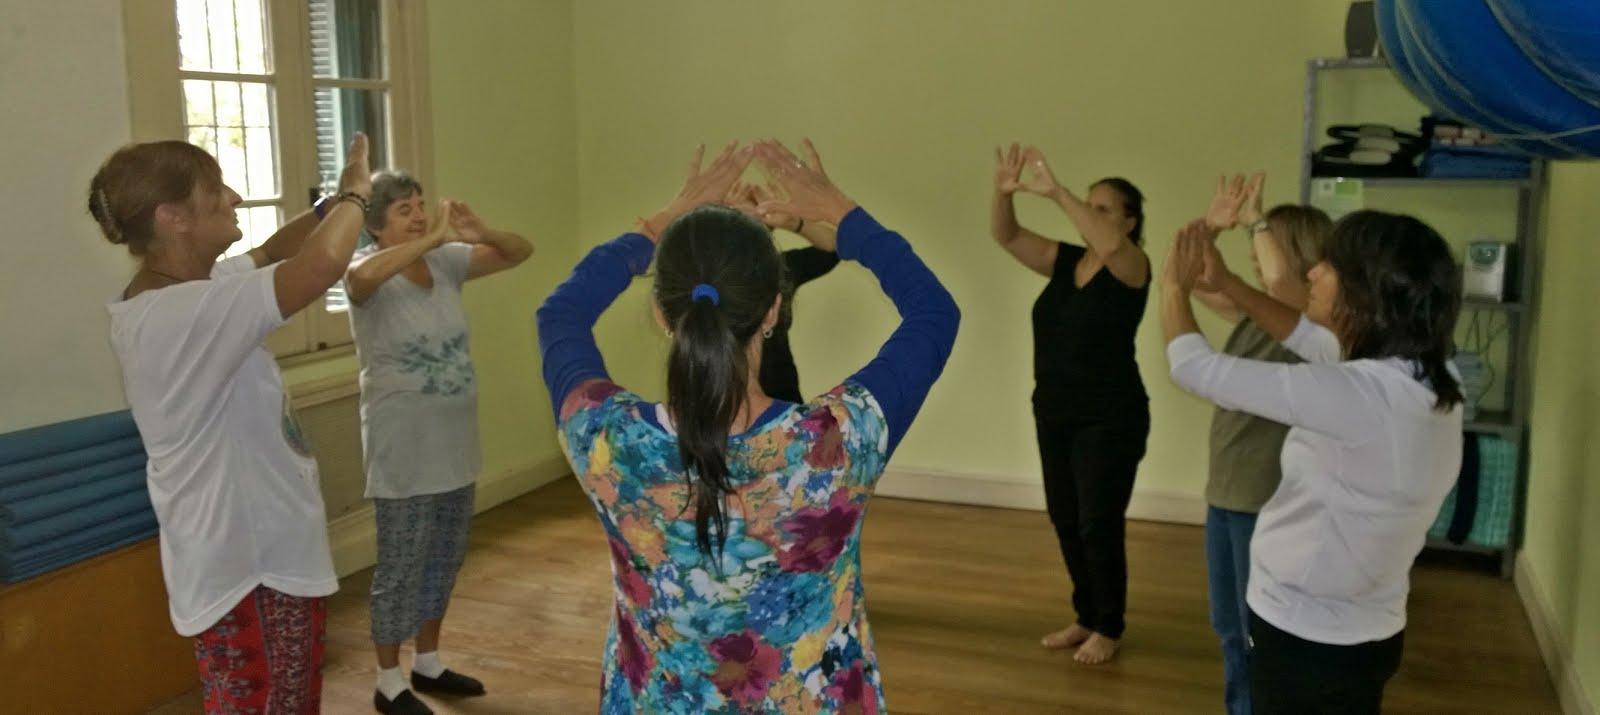 Meditación Danzada en Cuerpomundo